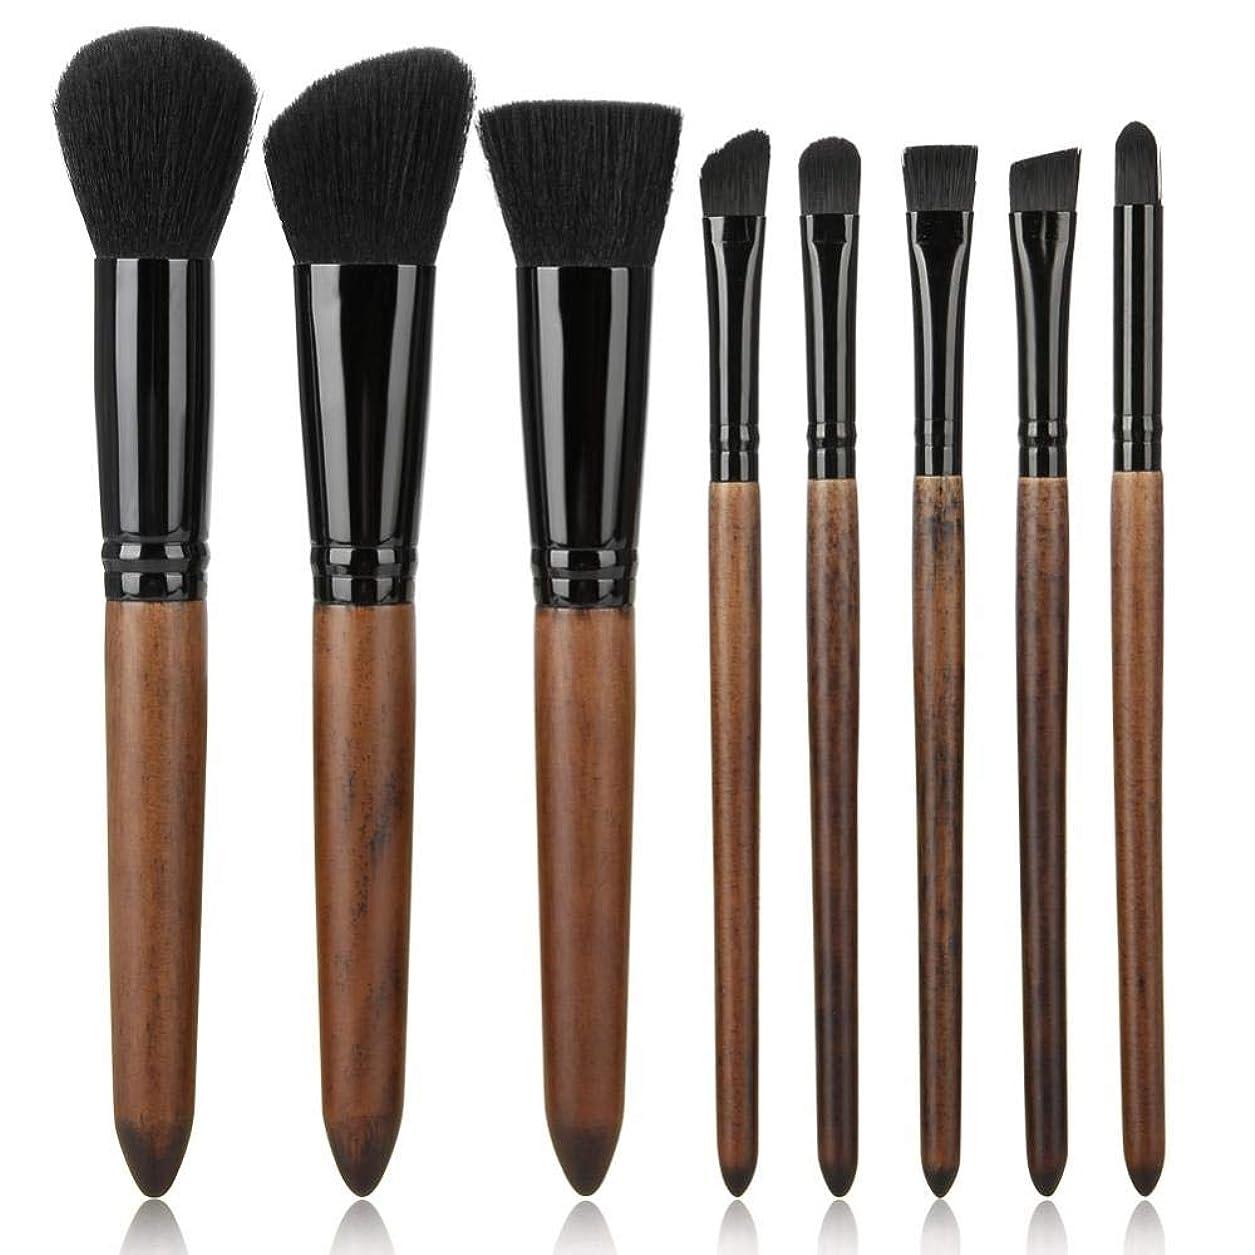 アクセルけがをするとげのあるメイクブラシ 柔らかい 化粧筆 アイシャドウブラシ 粉飾用 修容ブラシセット 携帯用(ブラック#1)